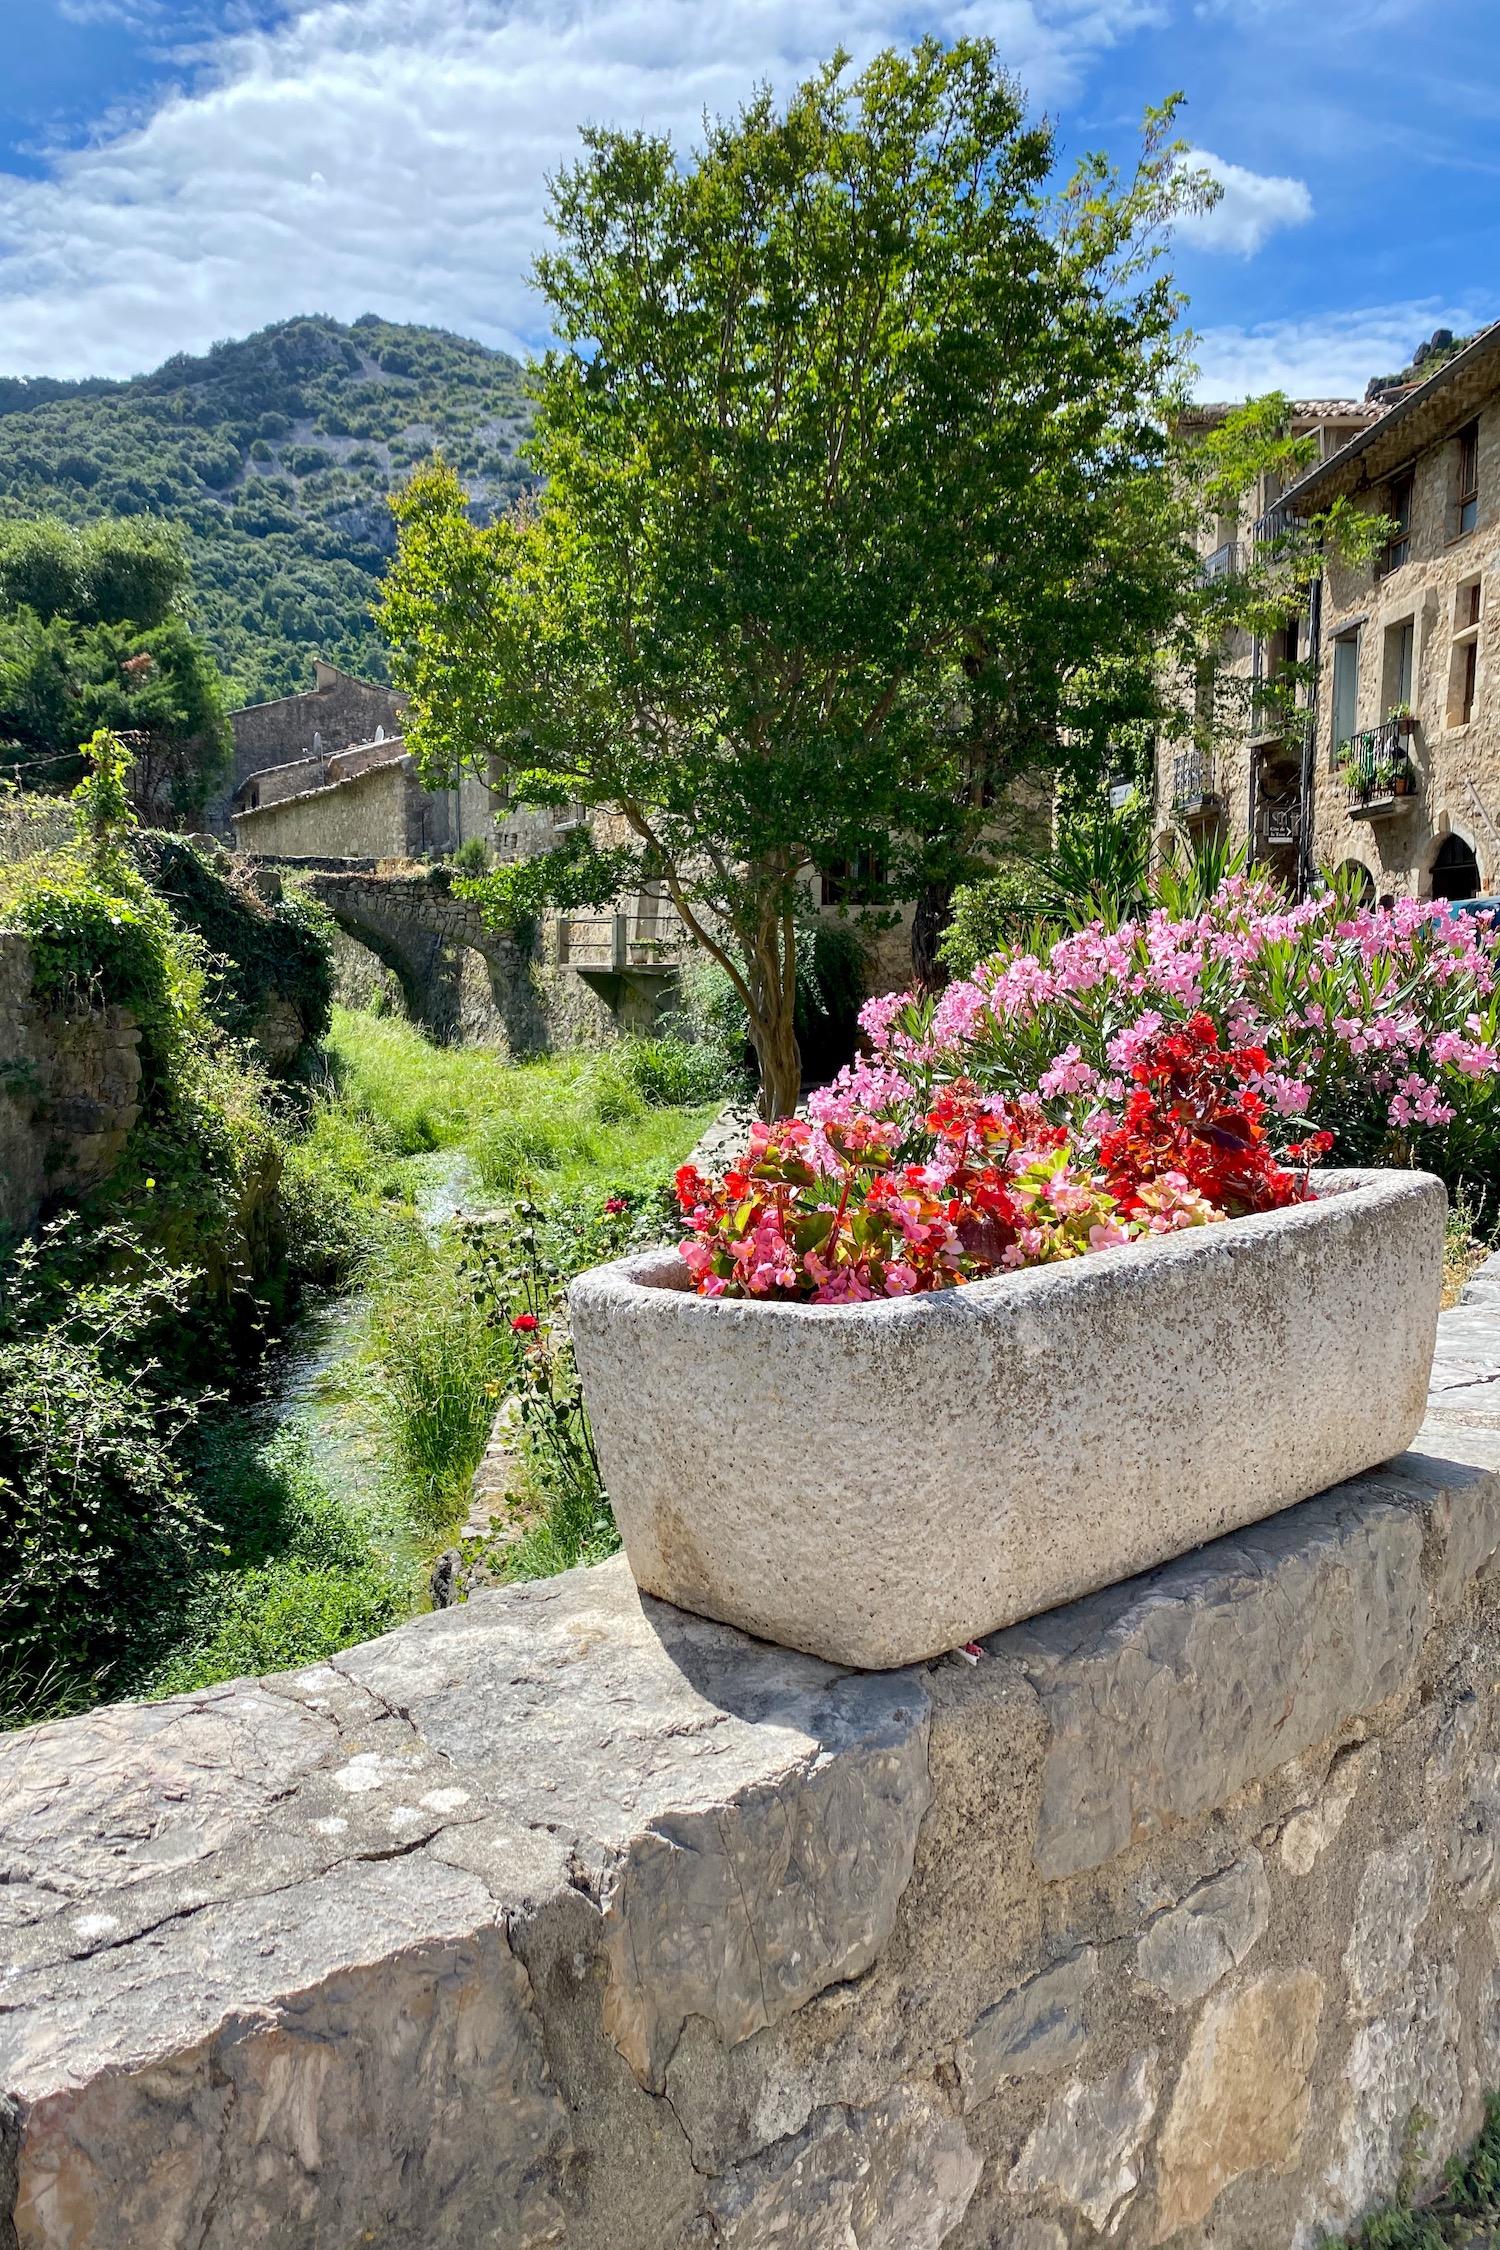 Saint-Guilhem-le-Désert village